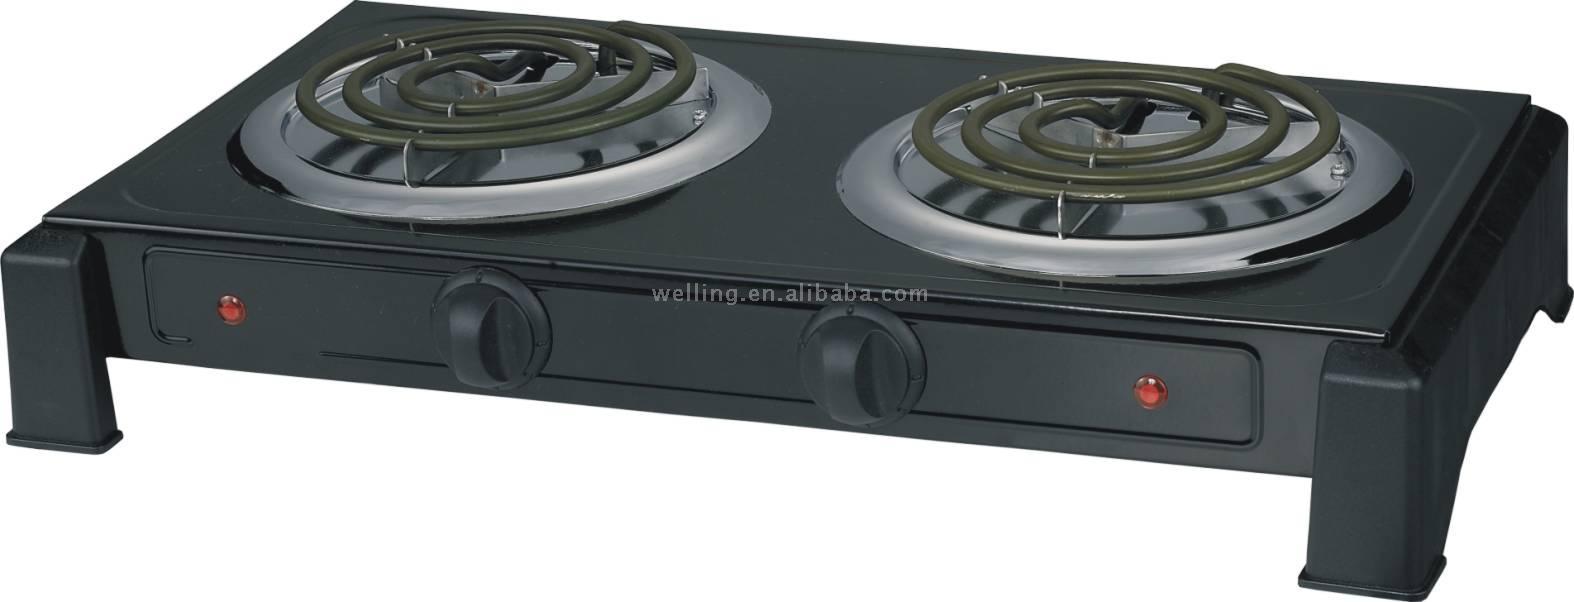 Cocina el ctrica quemador el ctrico bandejas calientes for Cocina encimera electrica